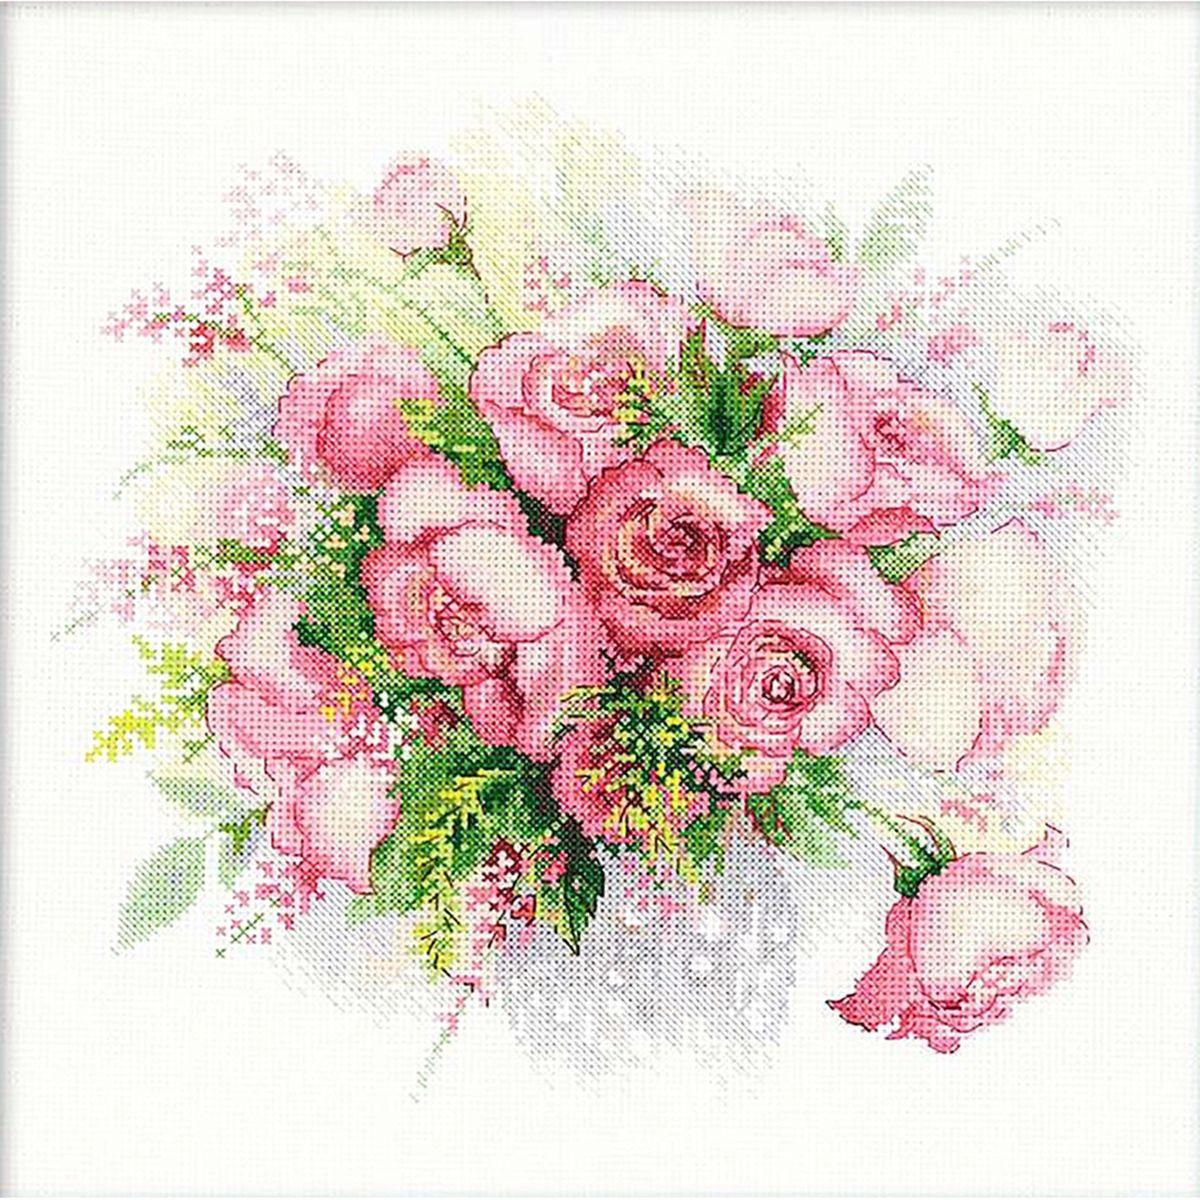 Набор для вышивания Riolis Акварельные розы, 30 х 30 см набор для вышивания крестом riolis акварельные герберы 30 x 30 см 1485